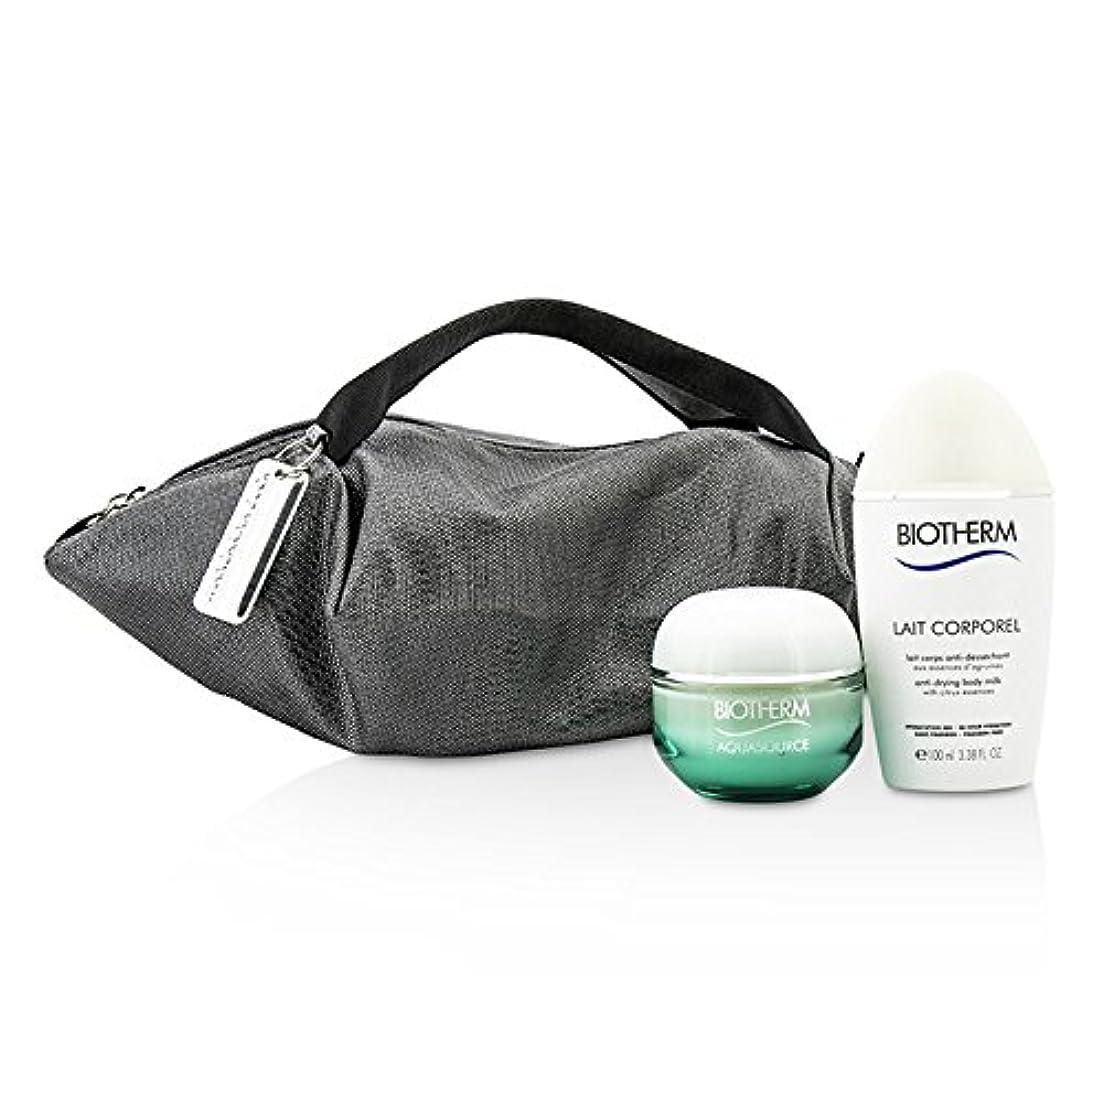 最終的にから聞く幹ビオテルム Aquasource & Body Care X Mandarina Duck Coffret: Cream N/C 50ml + Anti-Drying Body Care 100ml + Handle Bag...